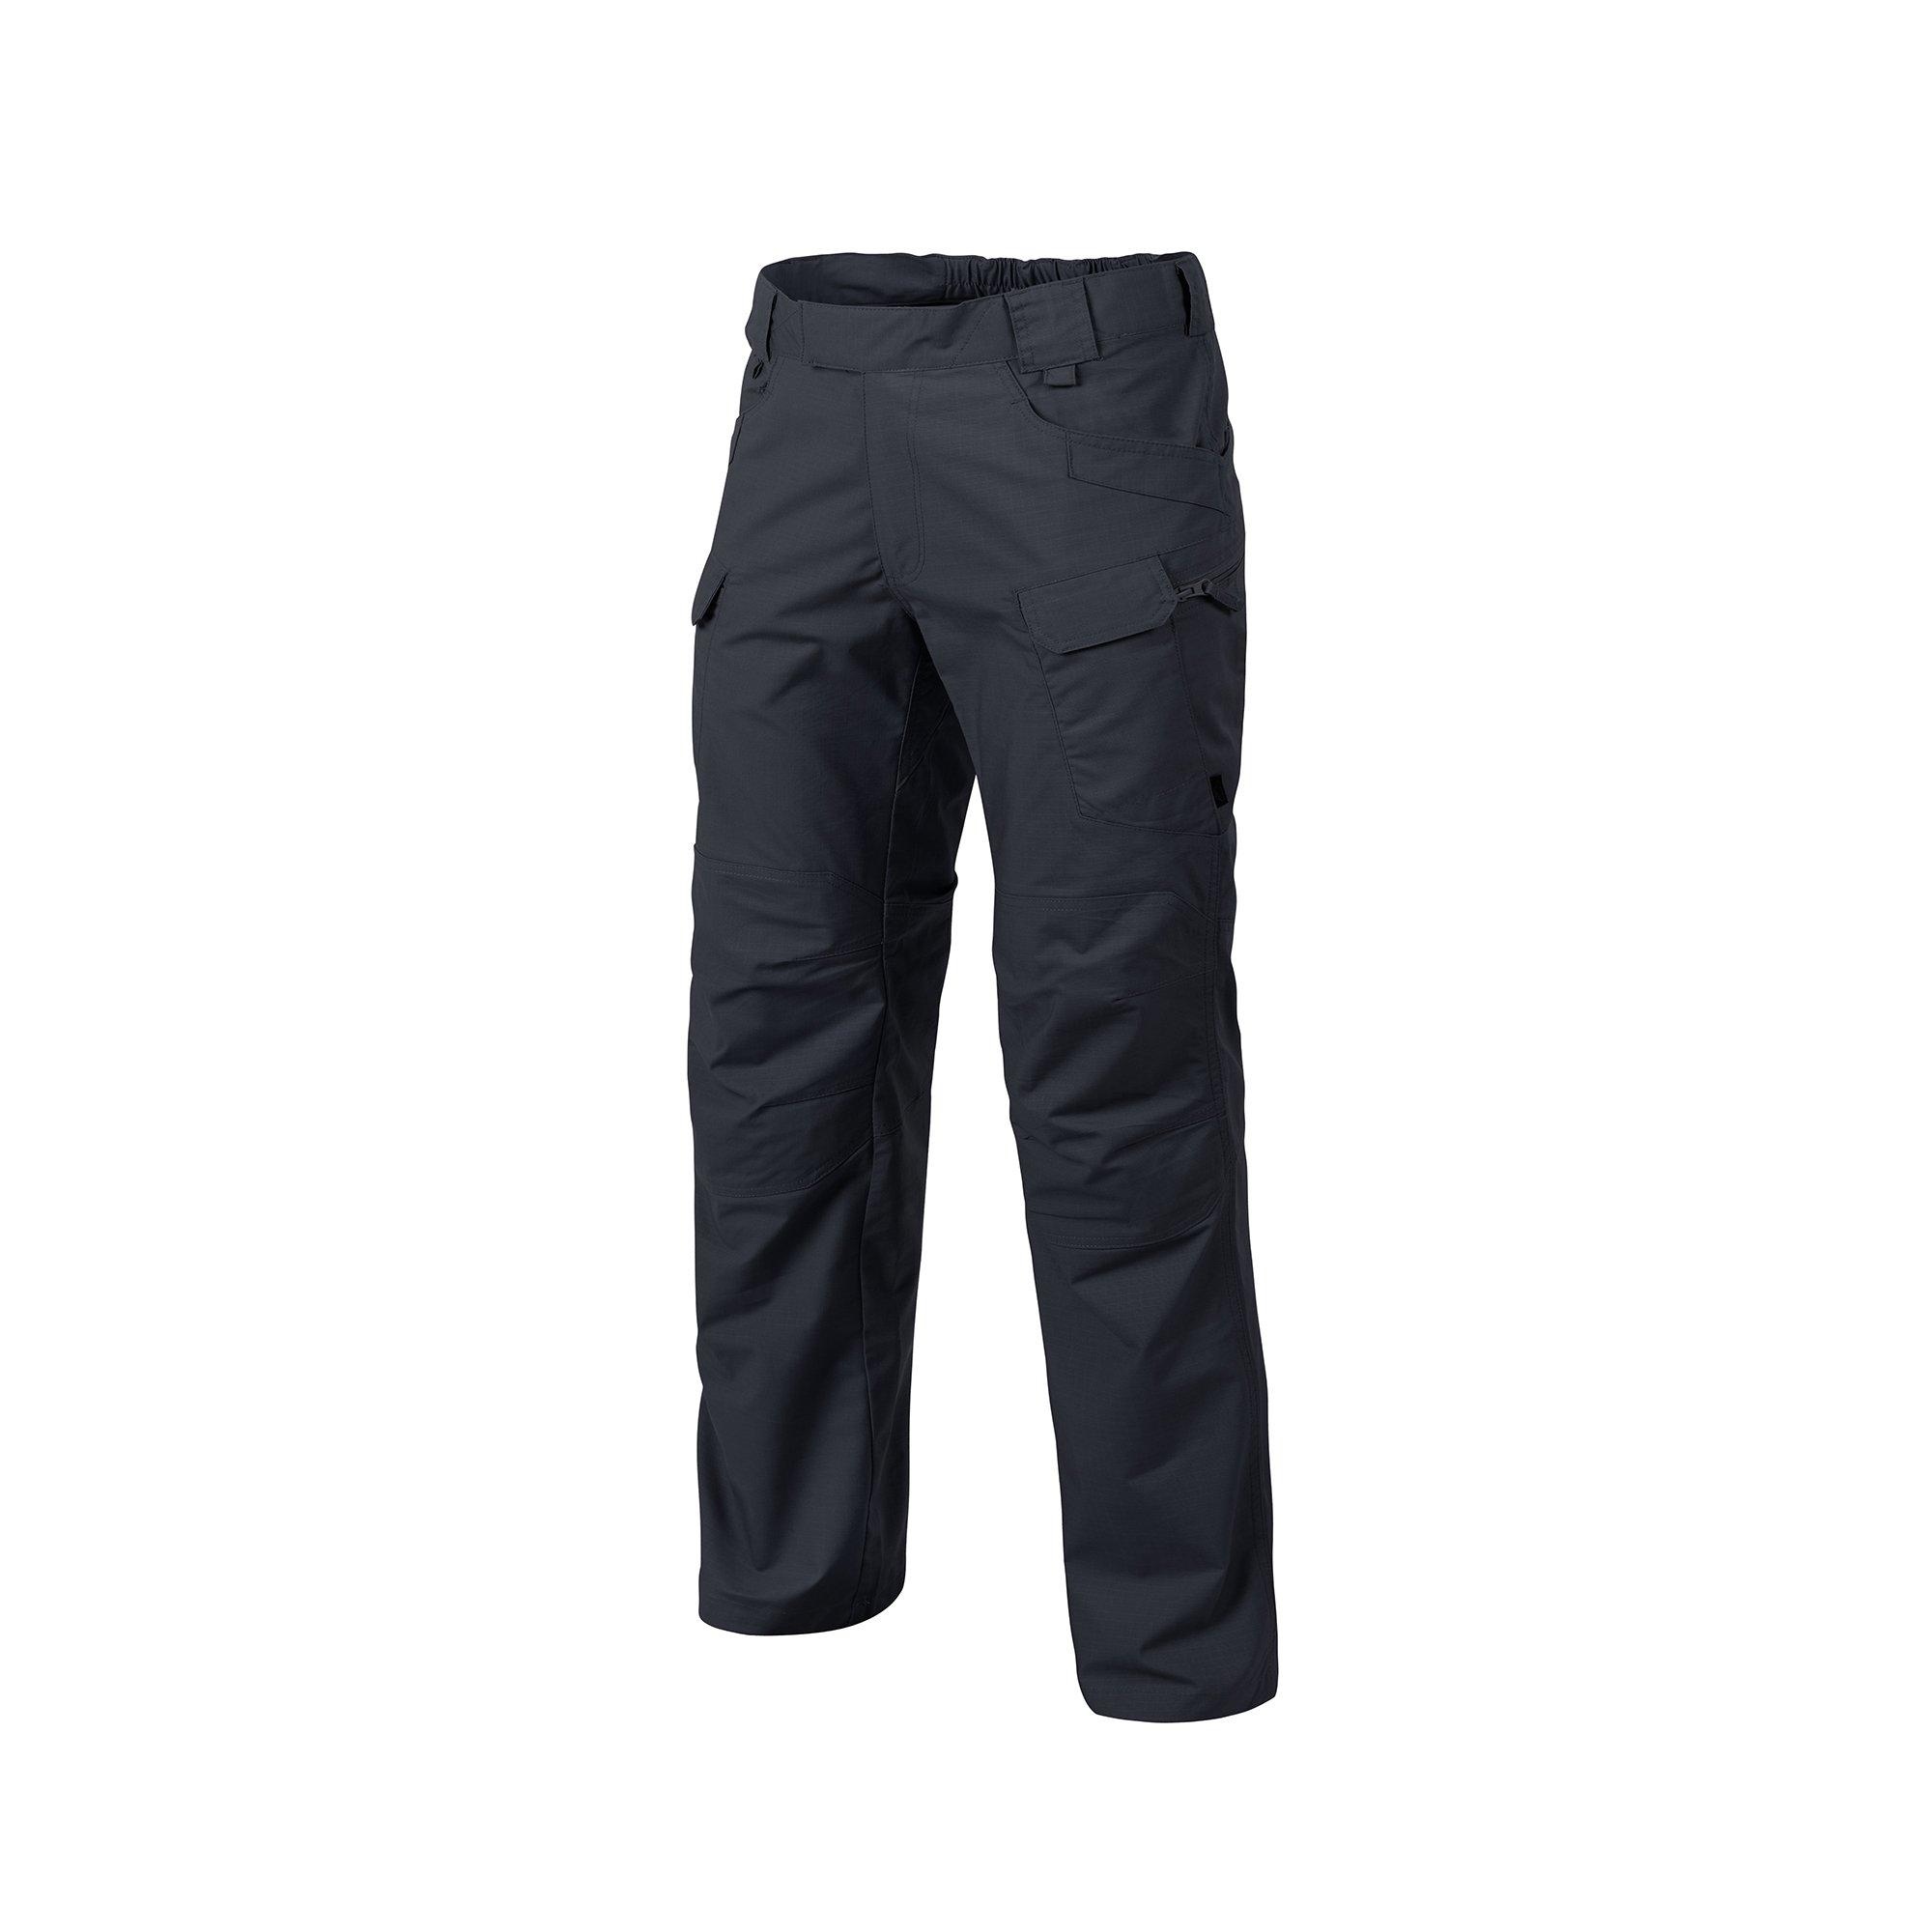 Helikon UTL Tactical Urban Shorts Mens Ripstop Hunting Cargo Pants Jungle Green